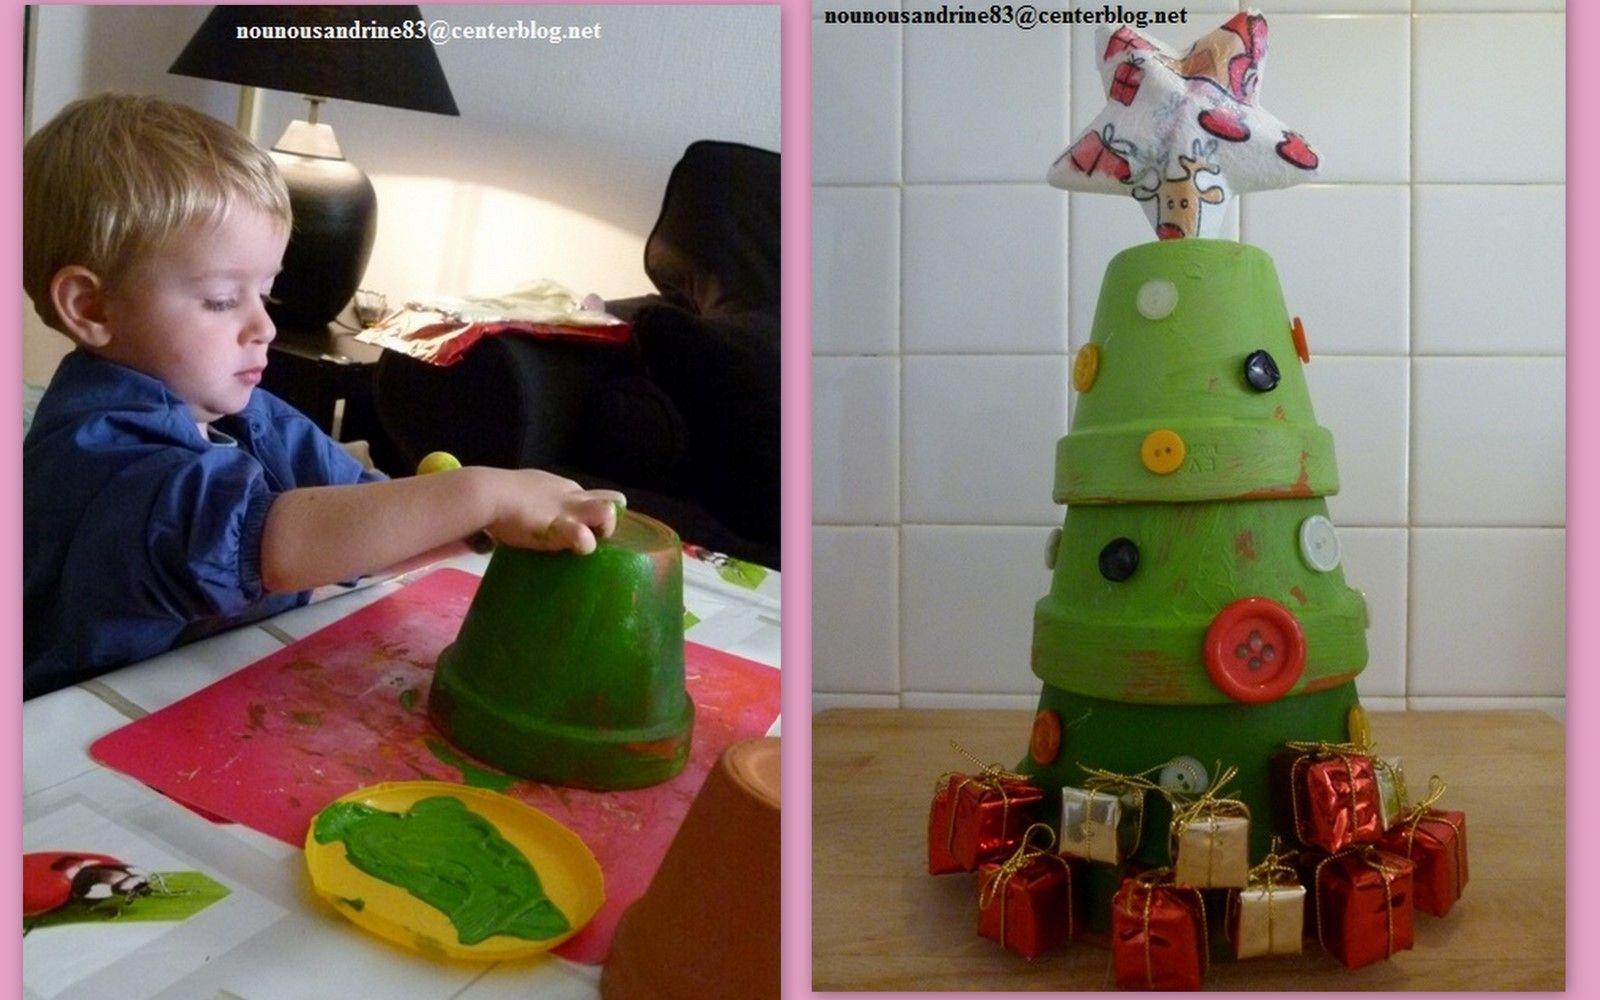 #406616 Activité Manuelle : Le Sapin De Noël 5591 idée de décoration de noel manuelle 1600x1000 px @ aertt.com